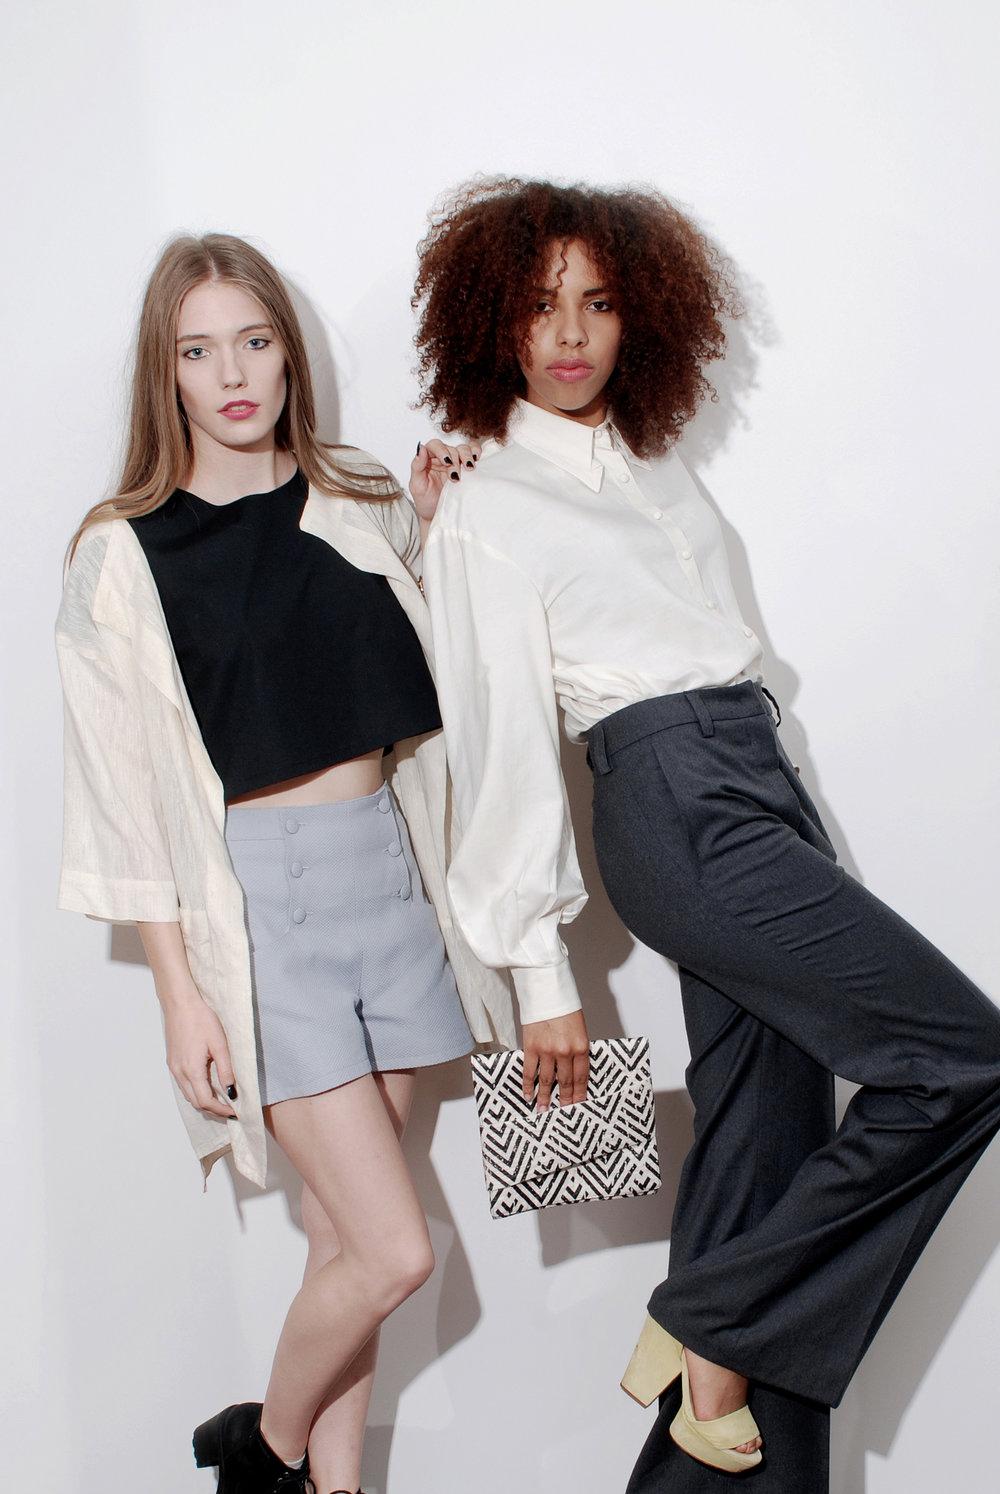 Mayya Saliba_2 outfits.jpg